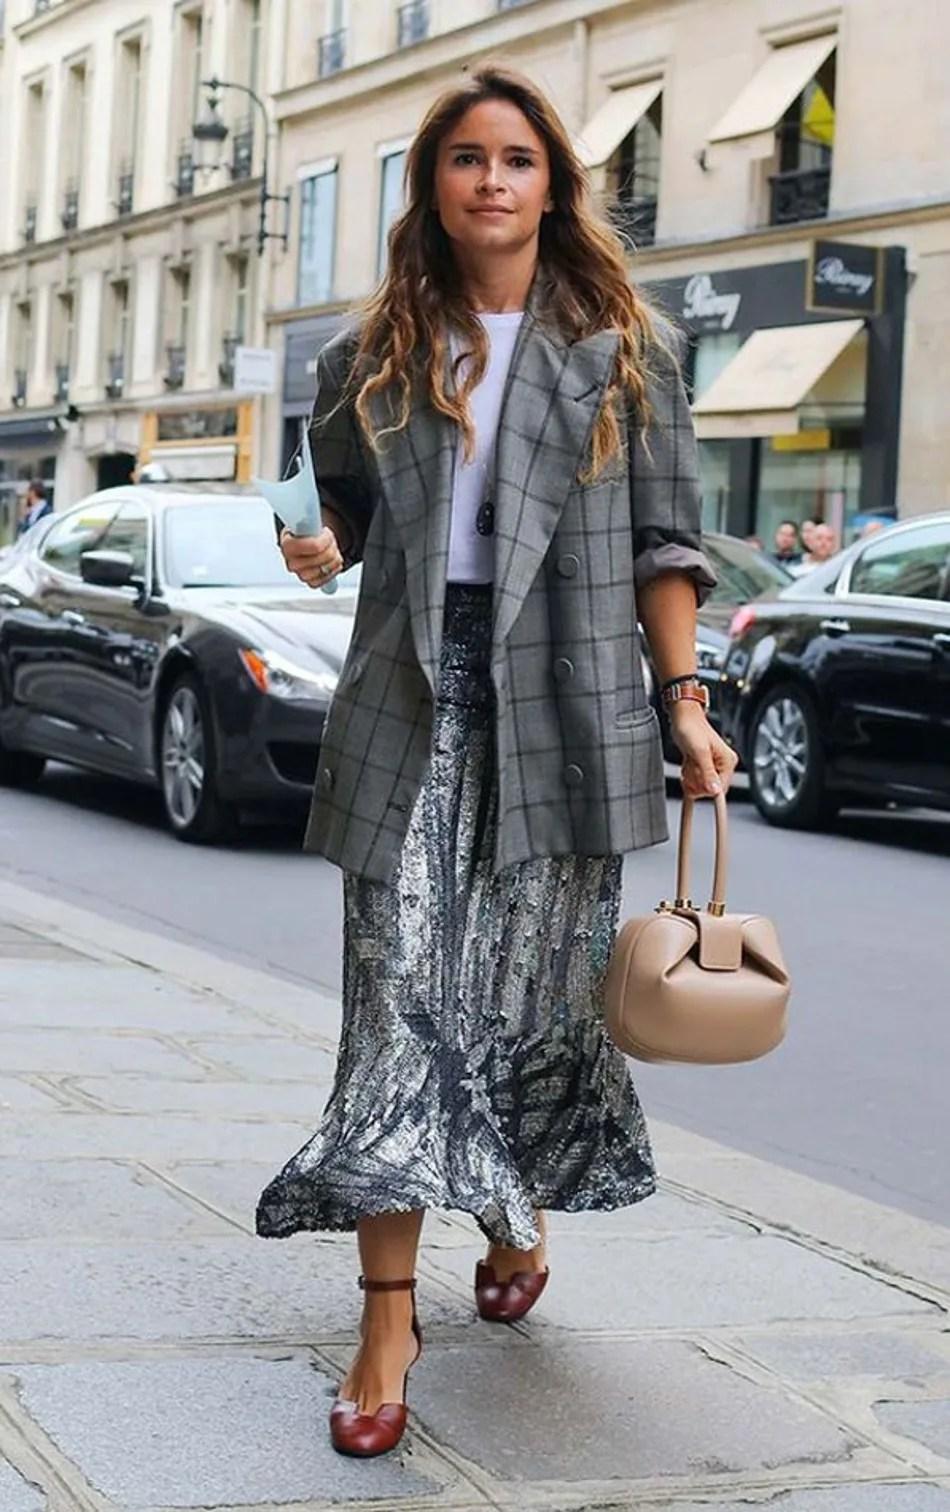 Foto de street style mostrando como usar a saia de gala no dia a dia com blazer.